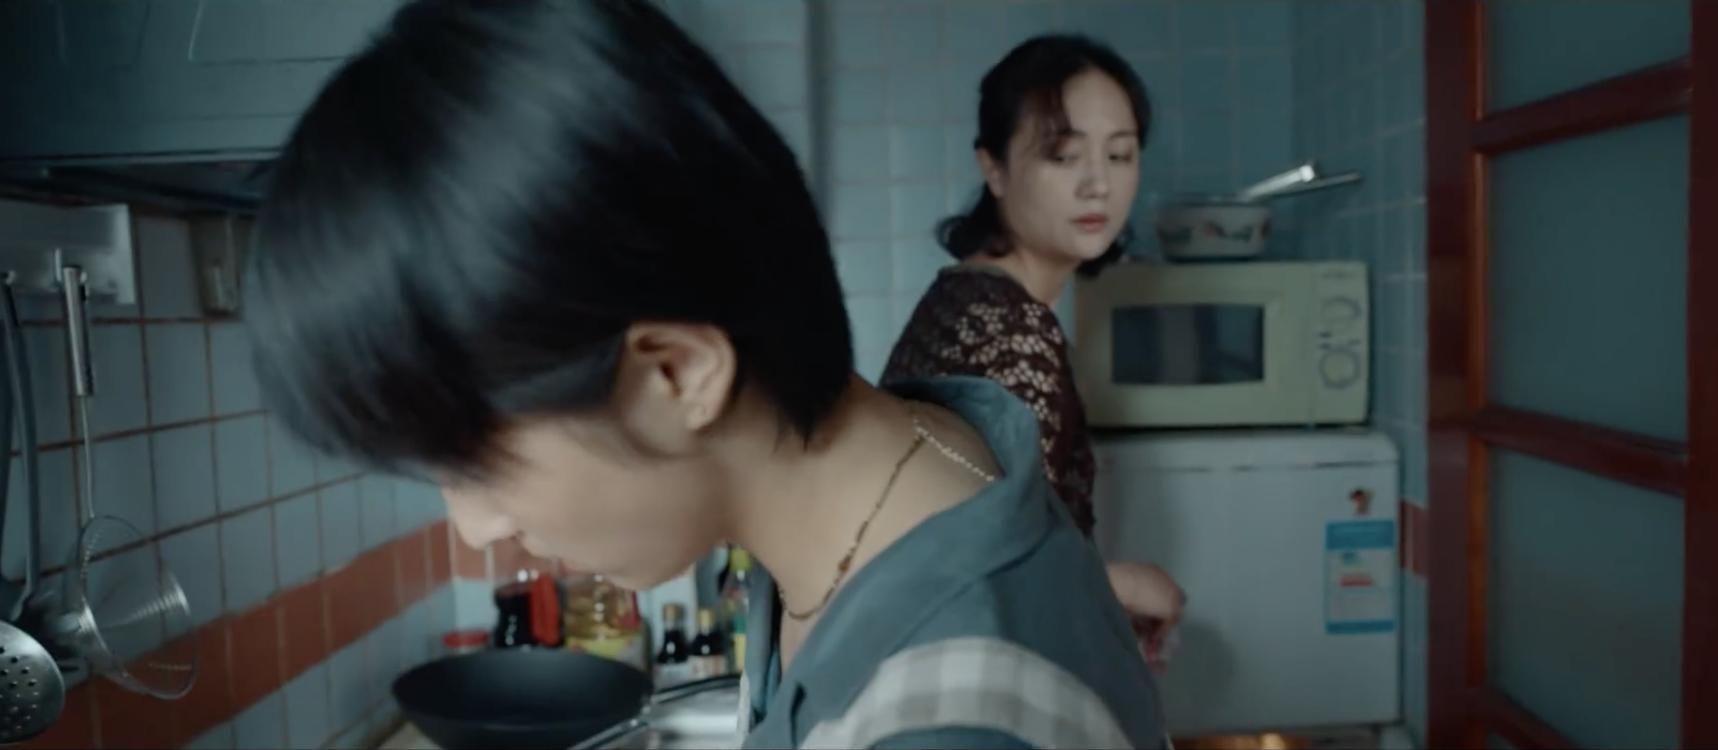 票房破3亿!朱媛媛用眼神演戏绝了,跟张子枫的对手戏看到泪目